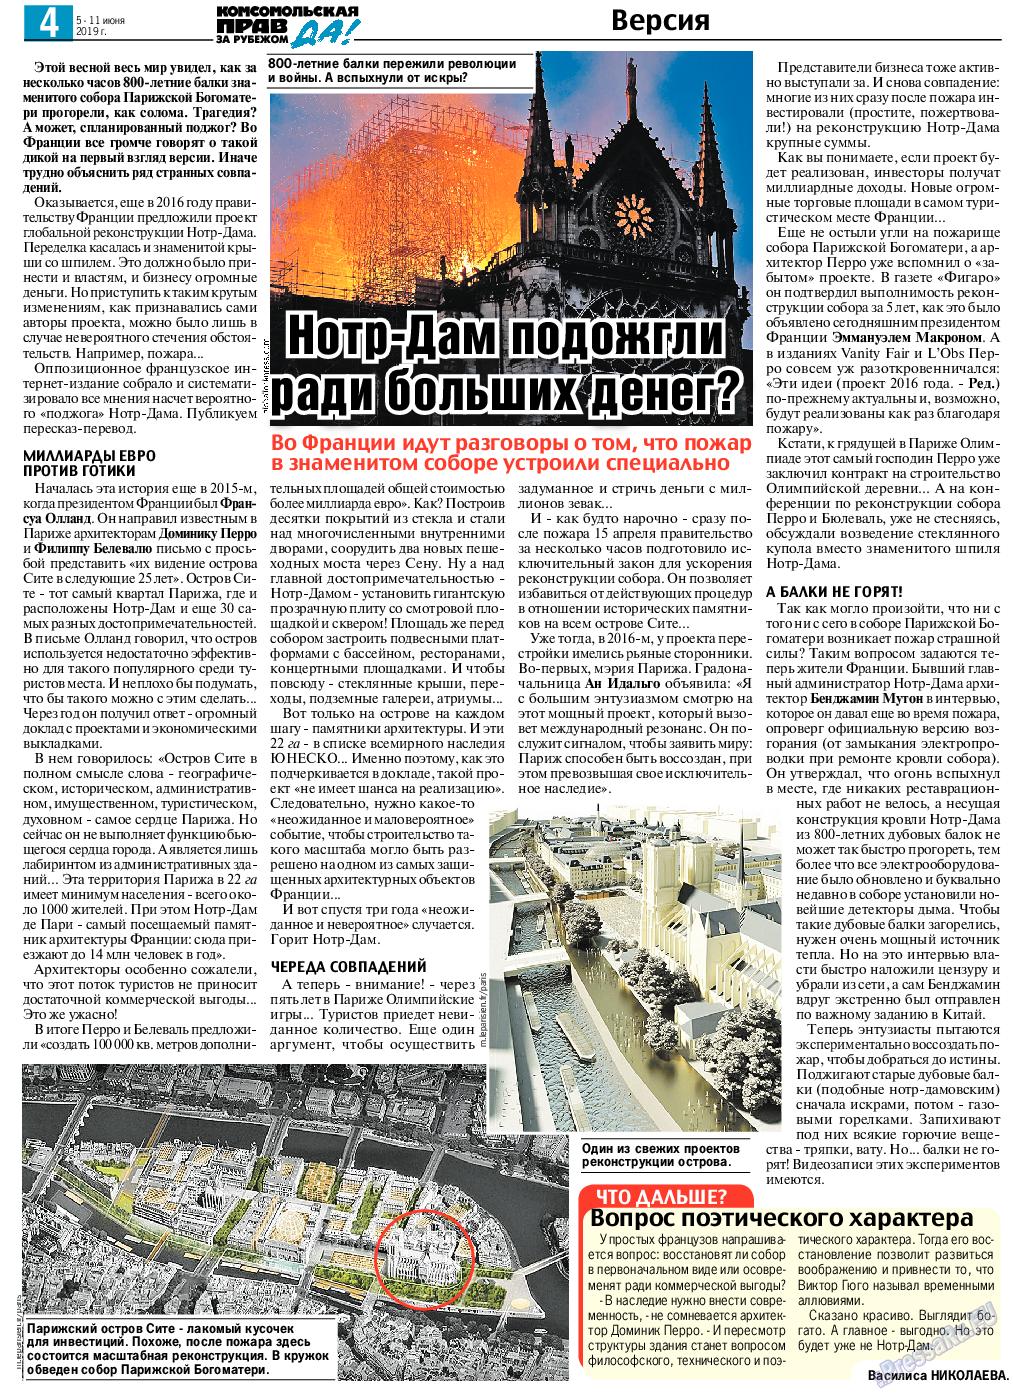 КП в Европе (газета). 2019 год, номер 23, стр. 4